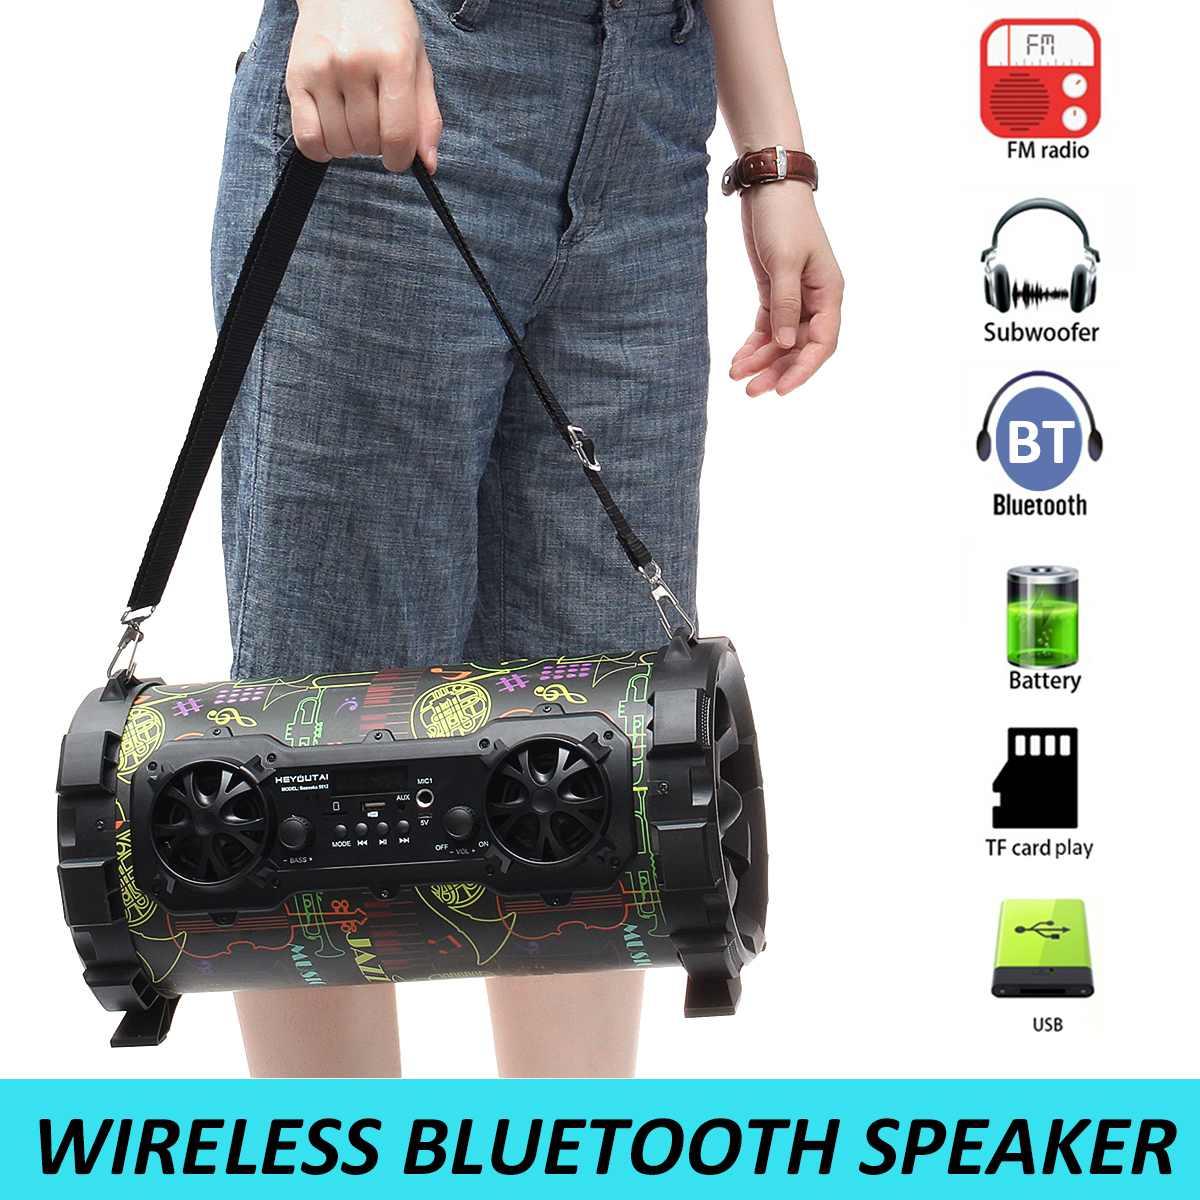 15W sans fil bluetooth haut-parleur Portable stéréo haut-parleur système de son AUX USB TF FM Radio haut-parleur extérieur lecteur de musique